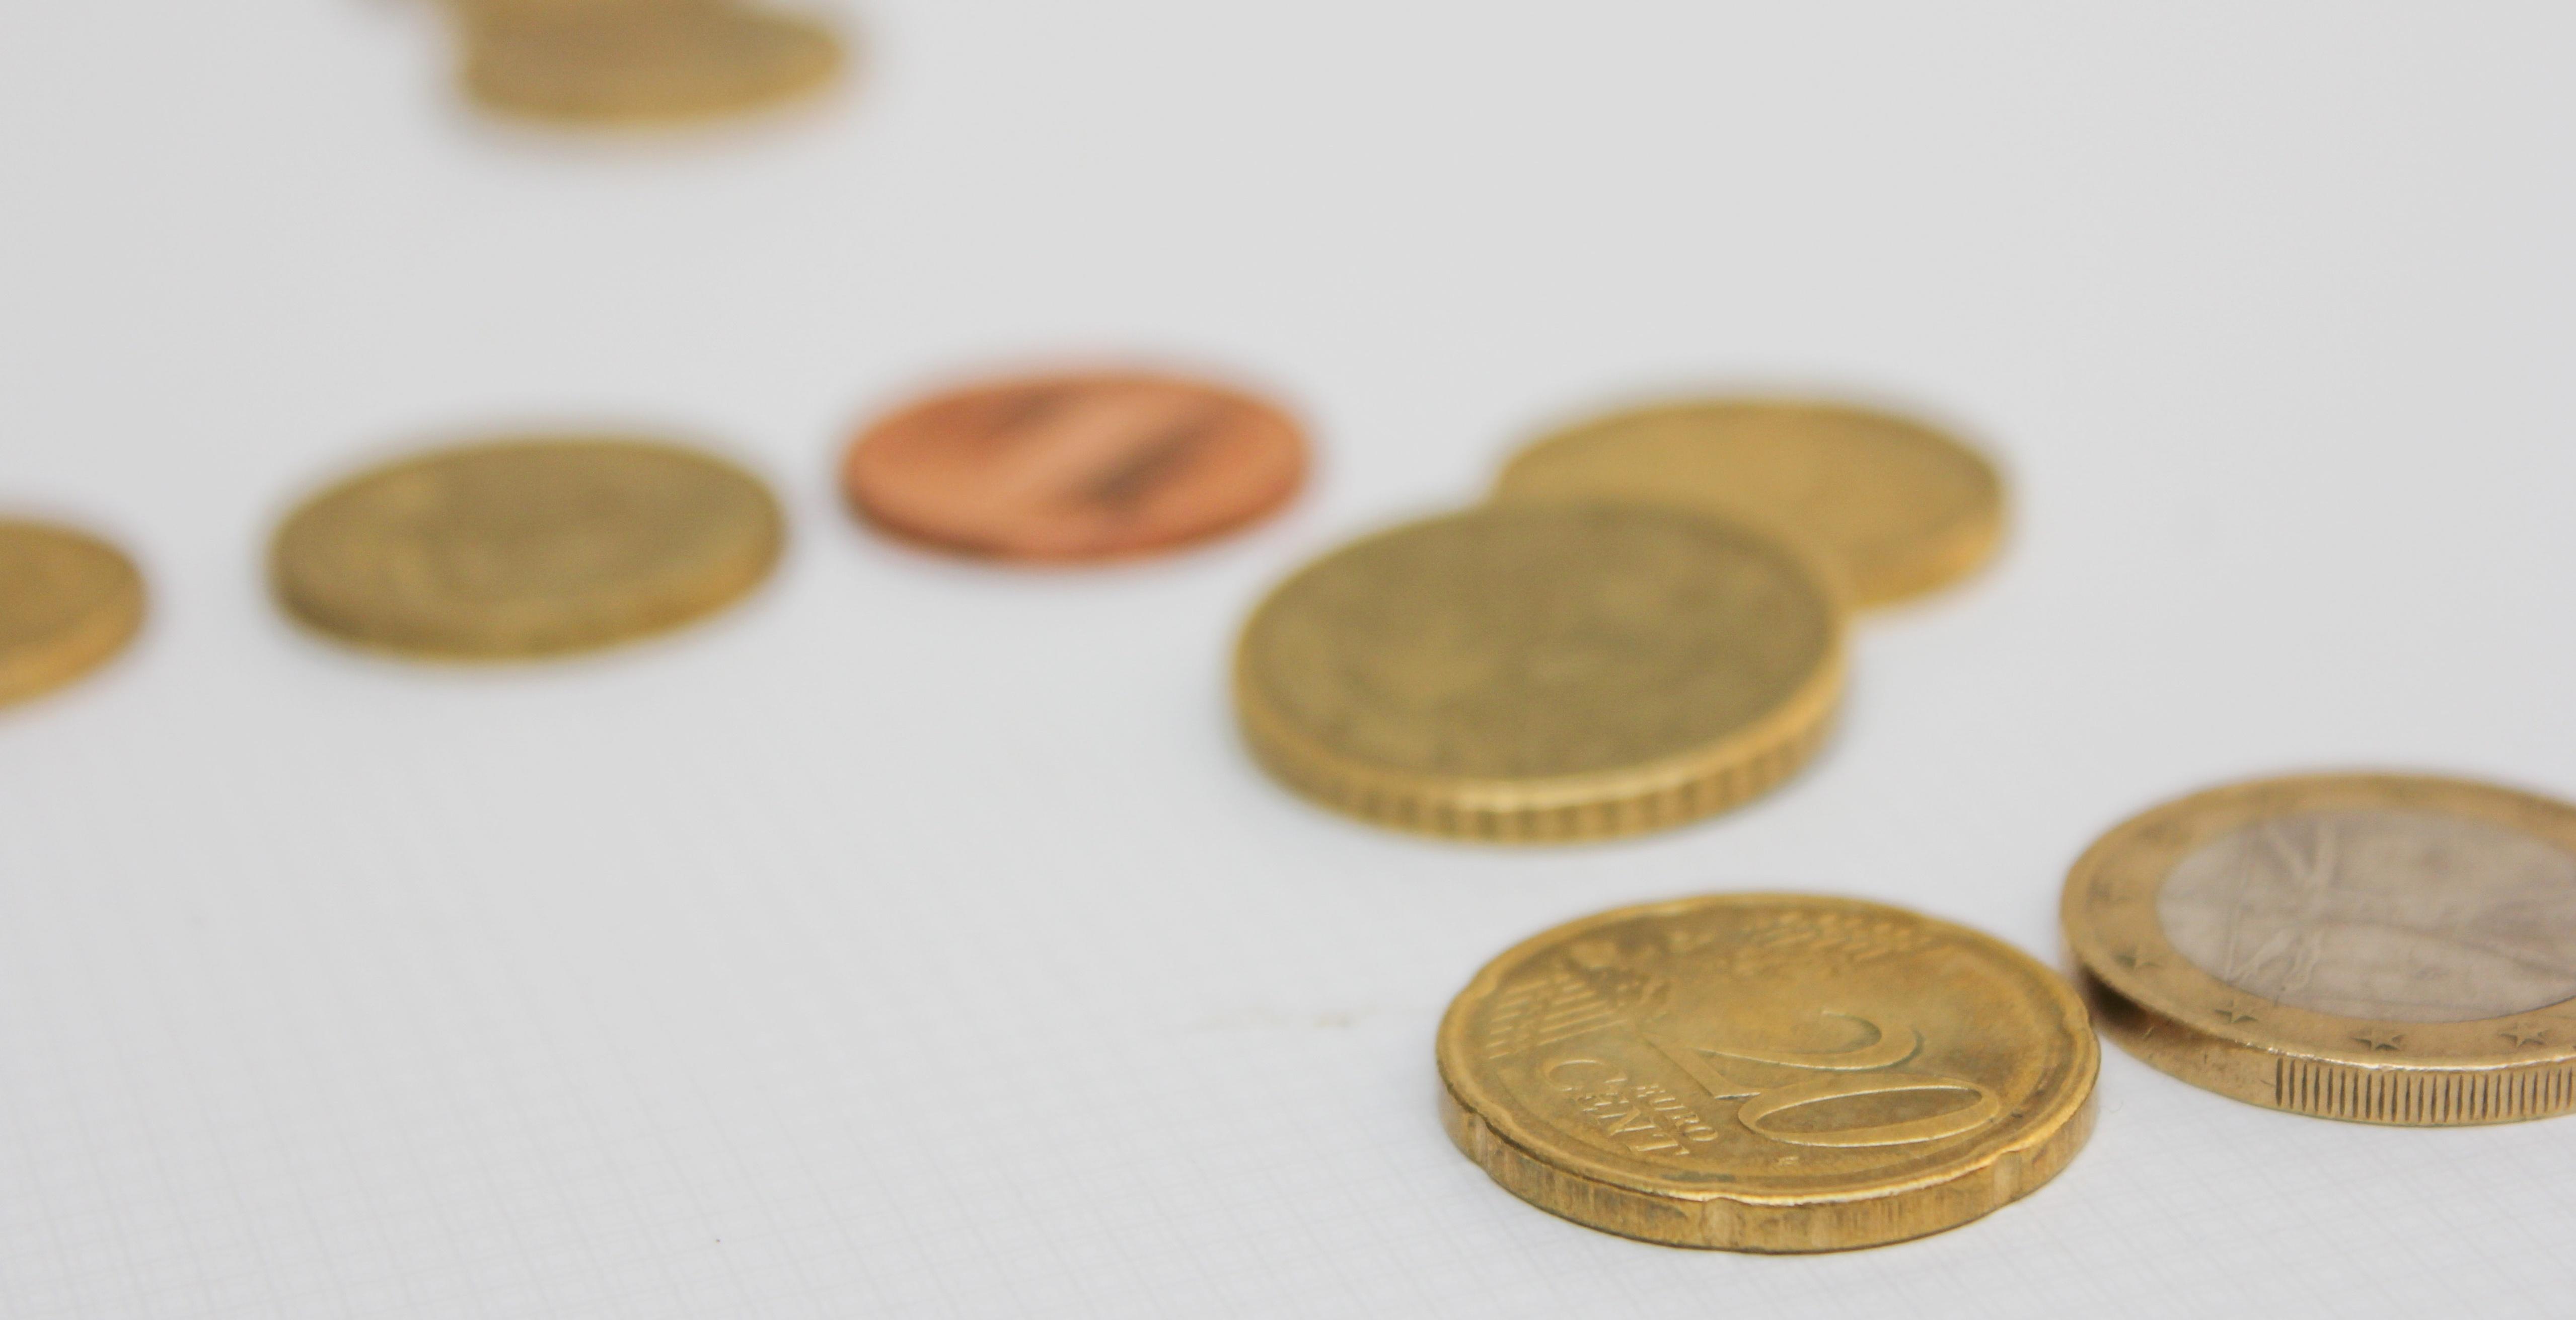 boekhouden factureren 10 tips om geld te besparen met boekhouden